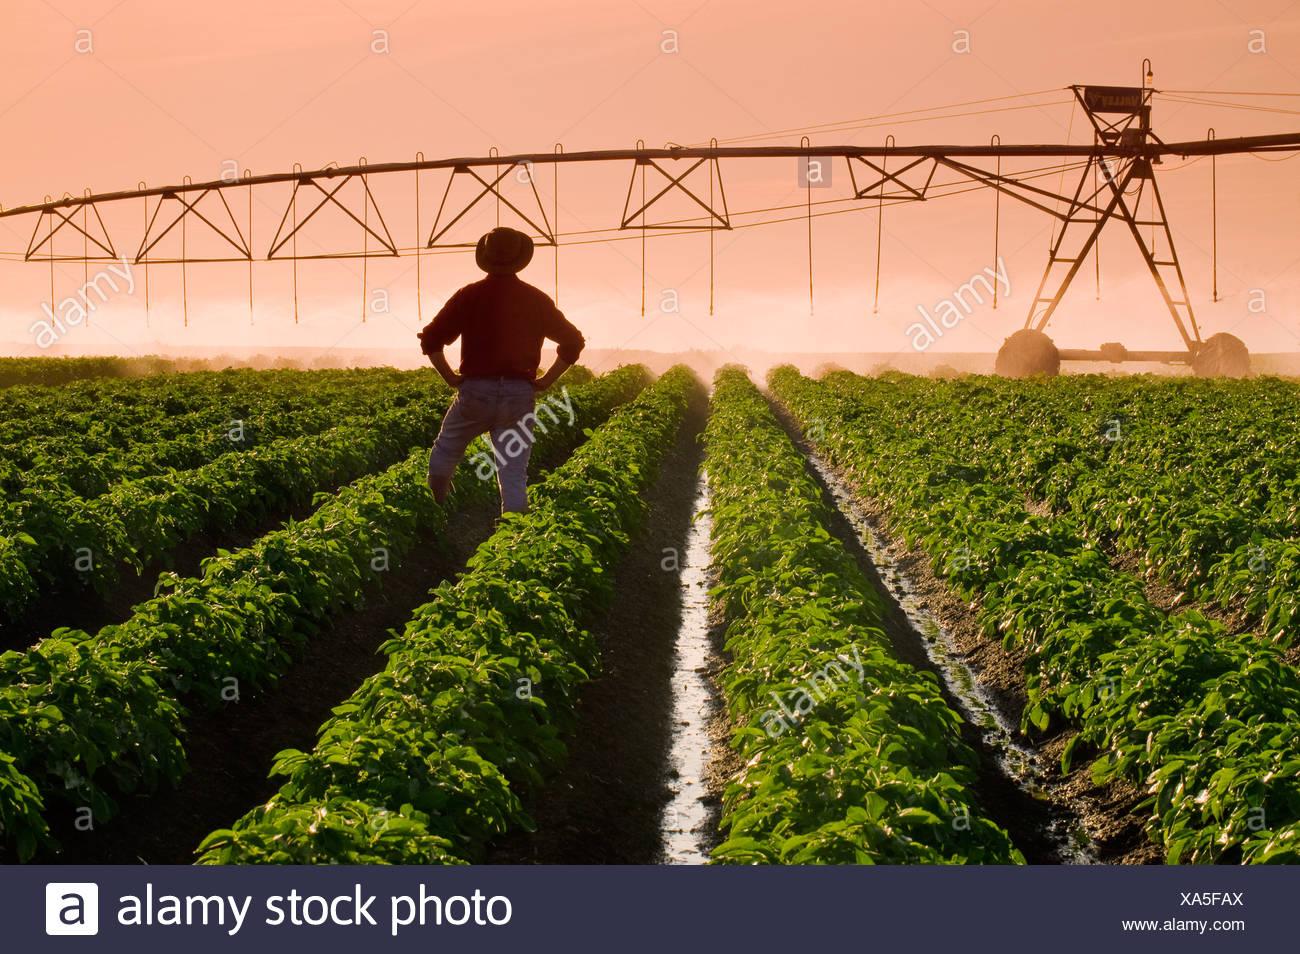 Un agriculteur est à sa croissance moyenne l'observation d'un champ de pommes de terre du système d'irrigation à pivot central à l'opération en fin d'après-midi la lumière. Photo Stock